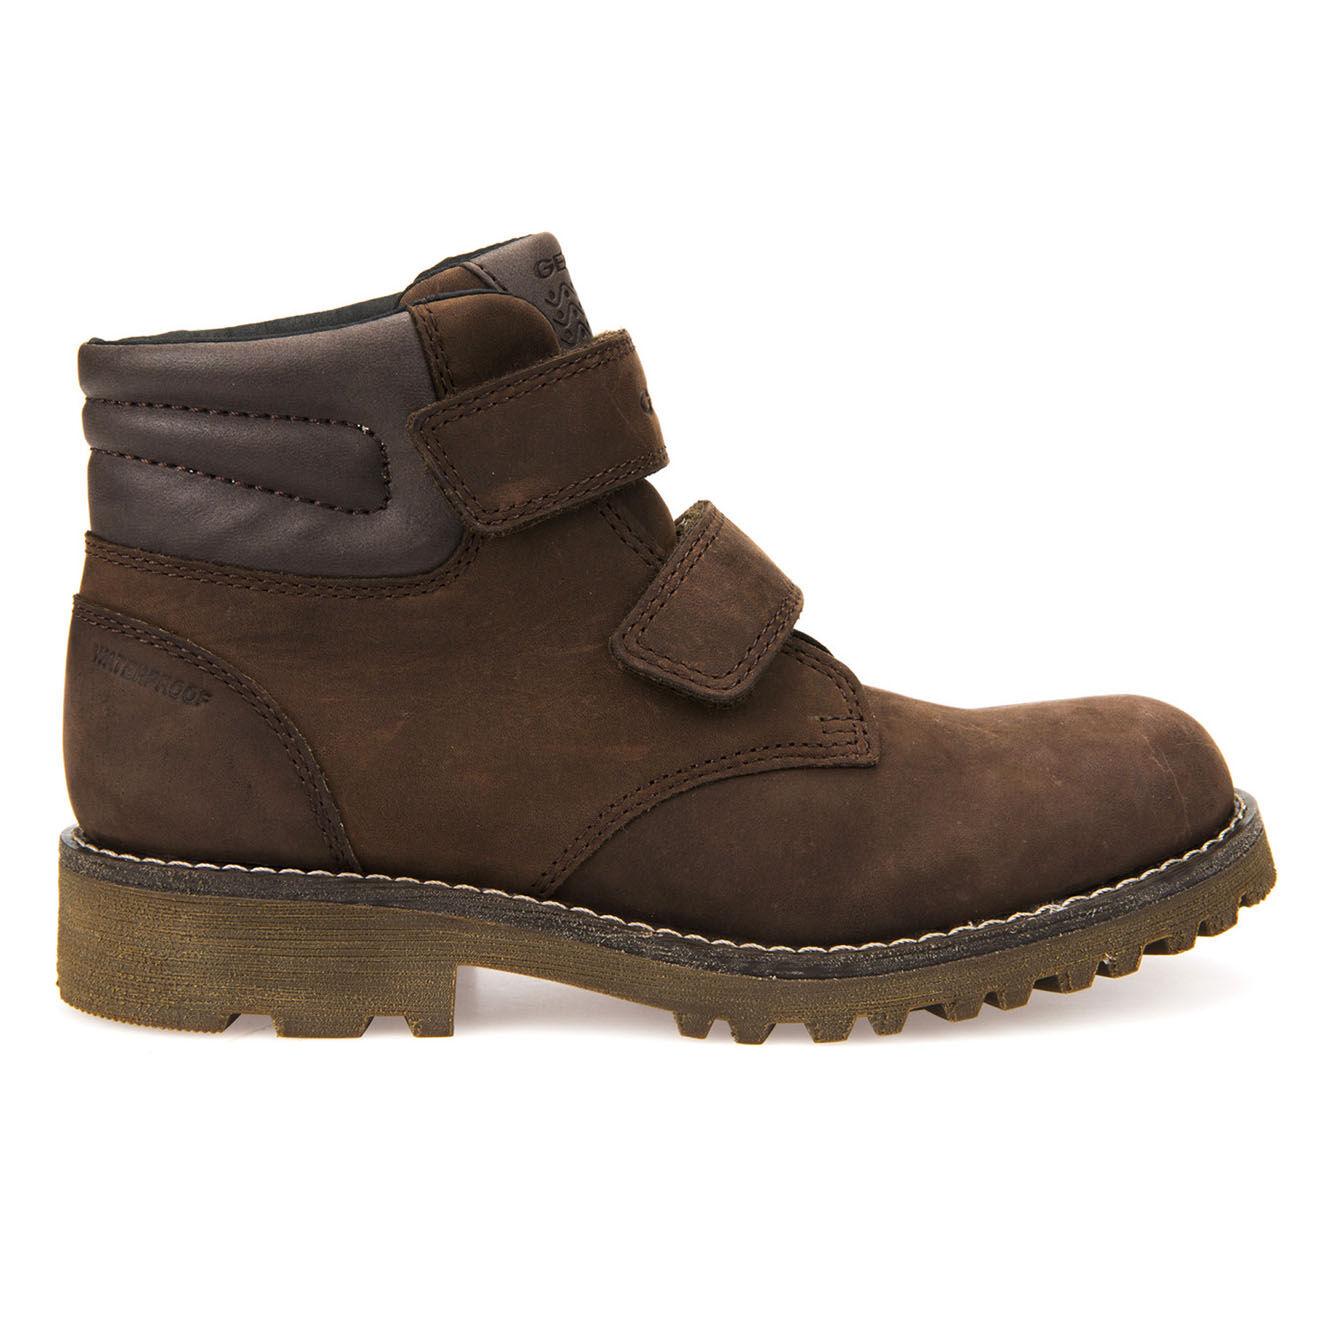 Boots en Velours de Cuir Axel café - Geox - Modalova